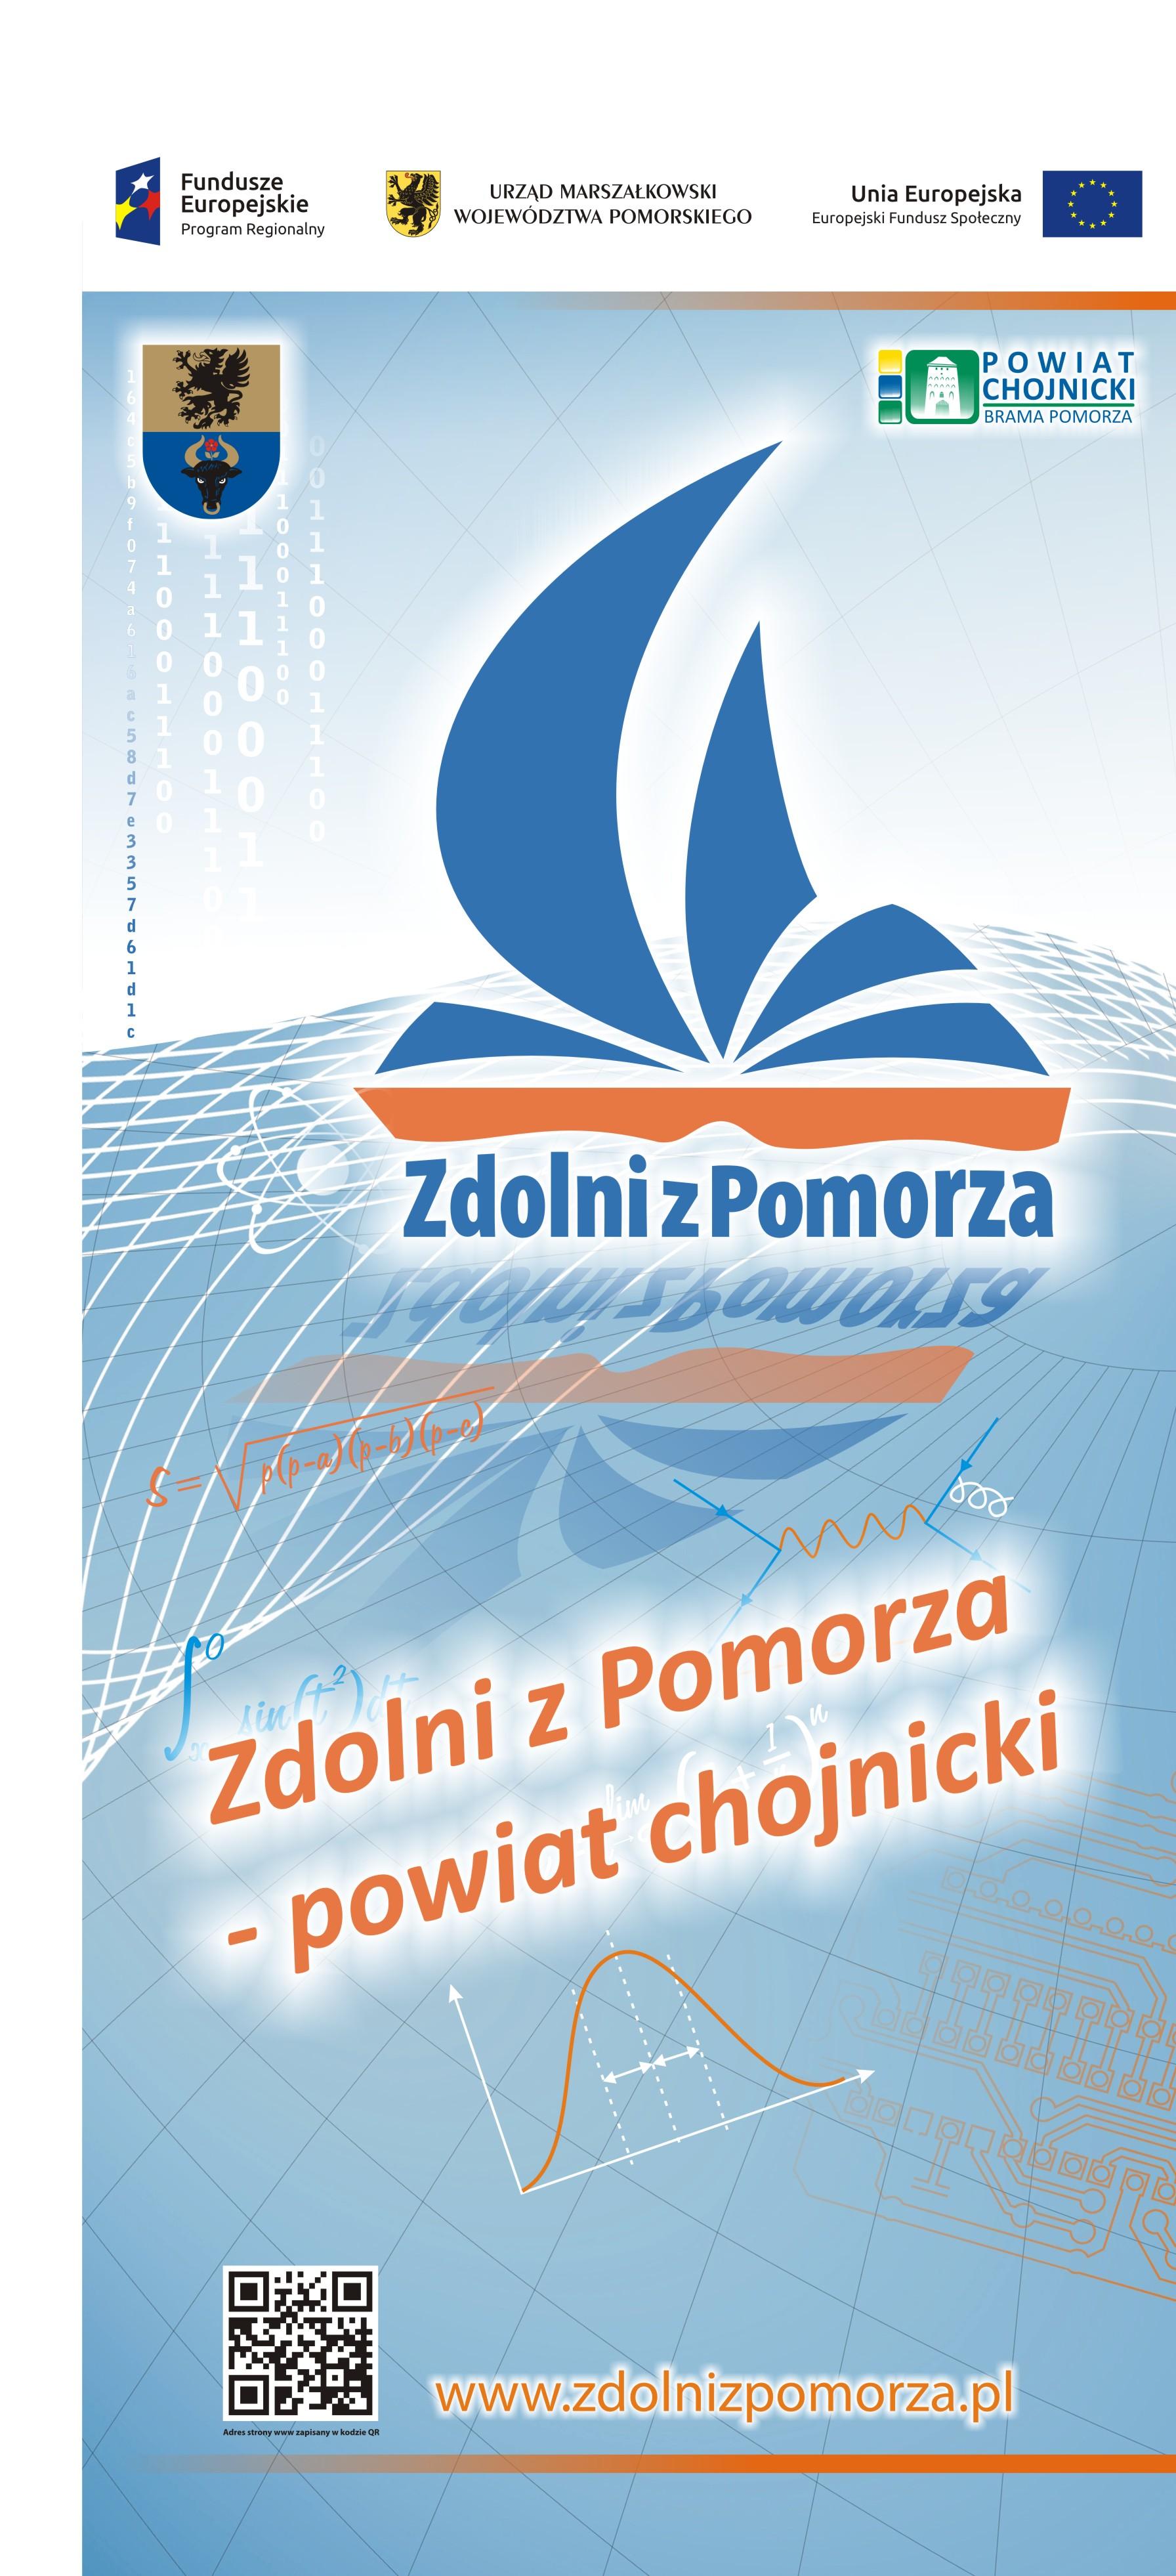 - 20170322_-_zzp_powiat_chojnicki_-_roll-up_2017_w.13_a.jpg